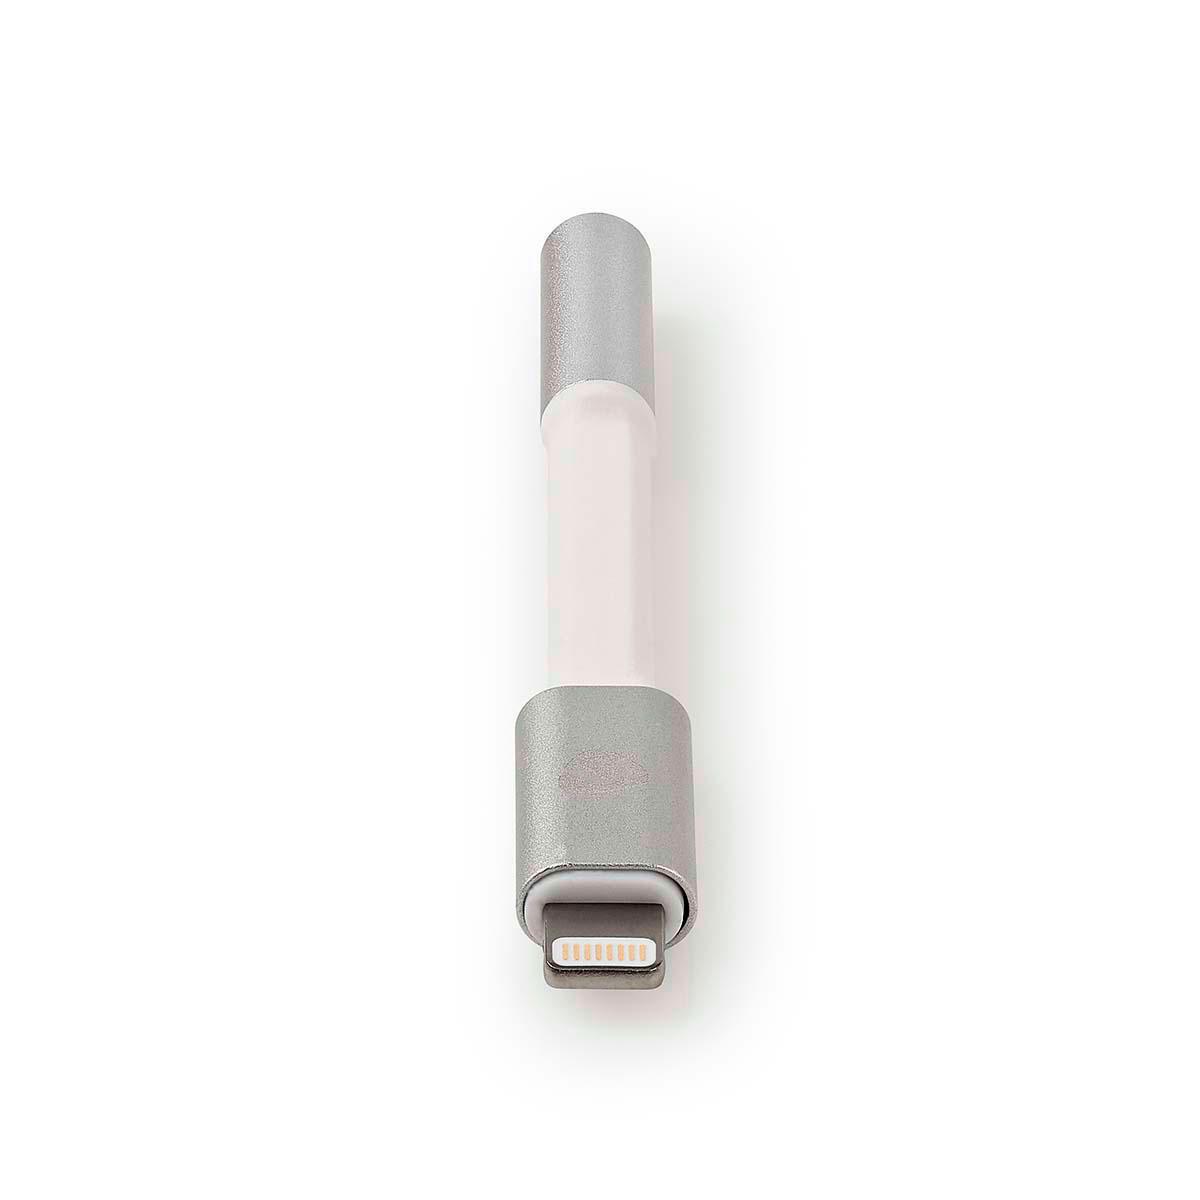 iPhone 7 høretelefoner - Få høretelefoner der passer til iPhone 7